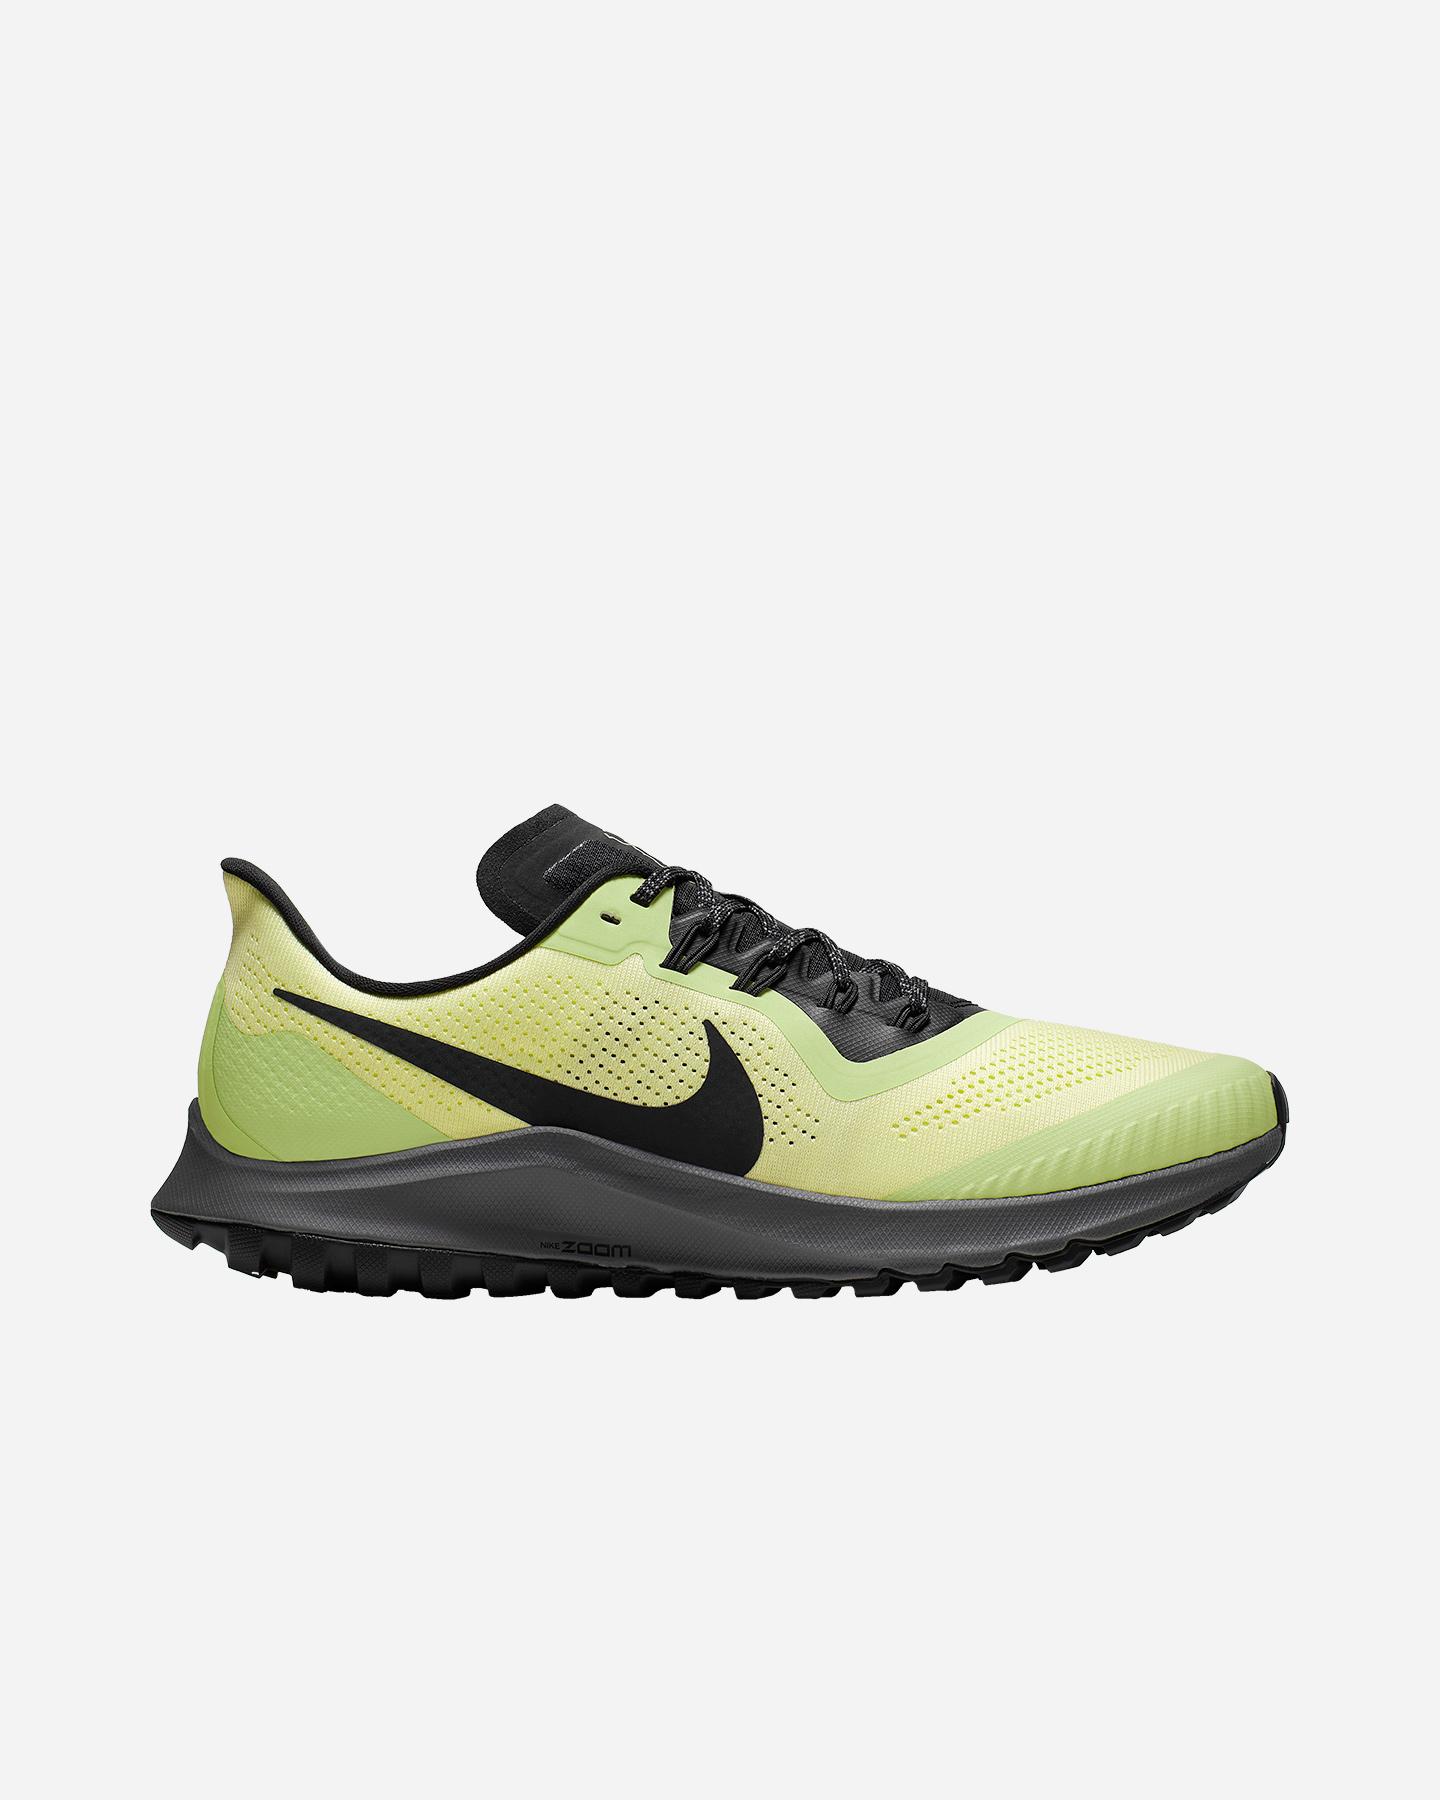 Acquista cisalfa scarpe OFF60% sconti